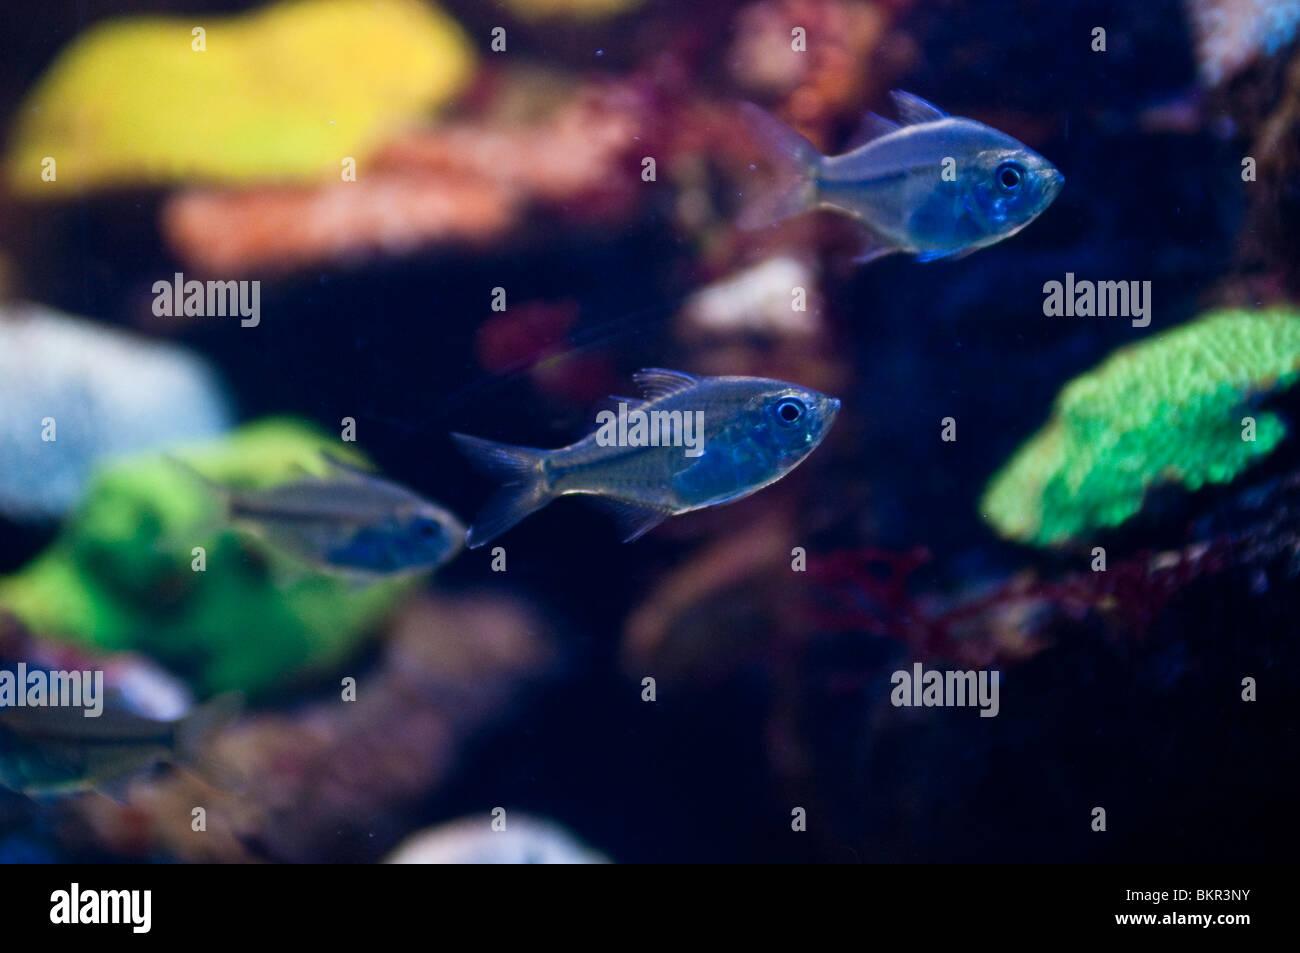 Fish swiming against fluorescent coral, Plesiastrea versipora, Sydney Aquarium, Sydney, Australia - Stock Image